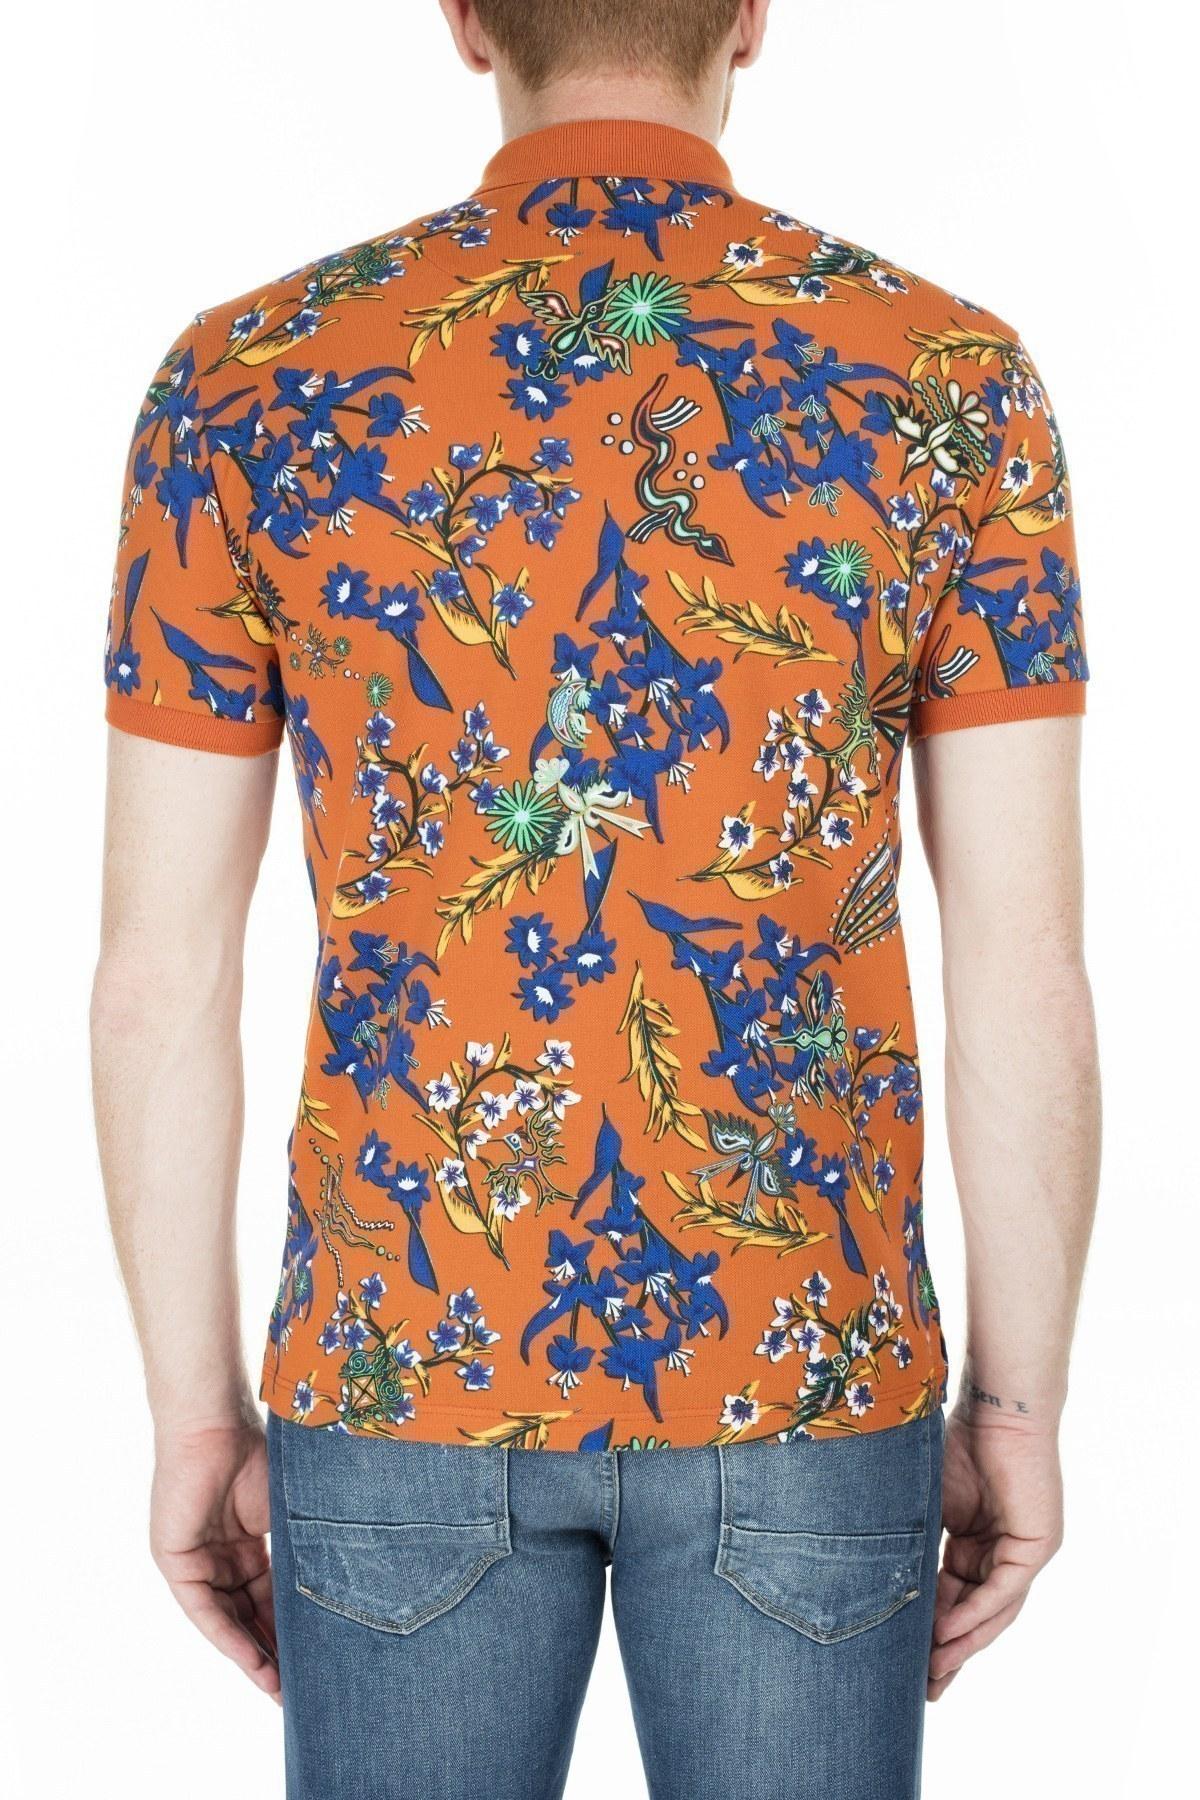 Etro Regular Fit T Shirt Erkek Polo 1Y800 4065 750 KİREMİT